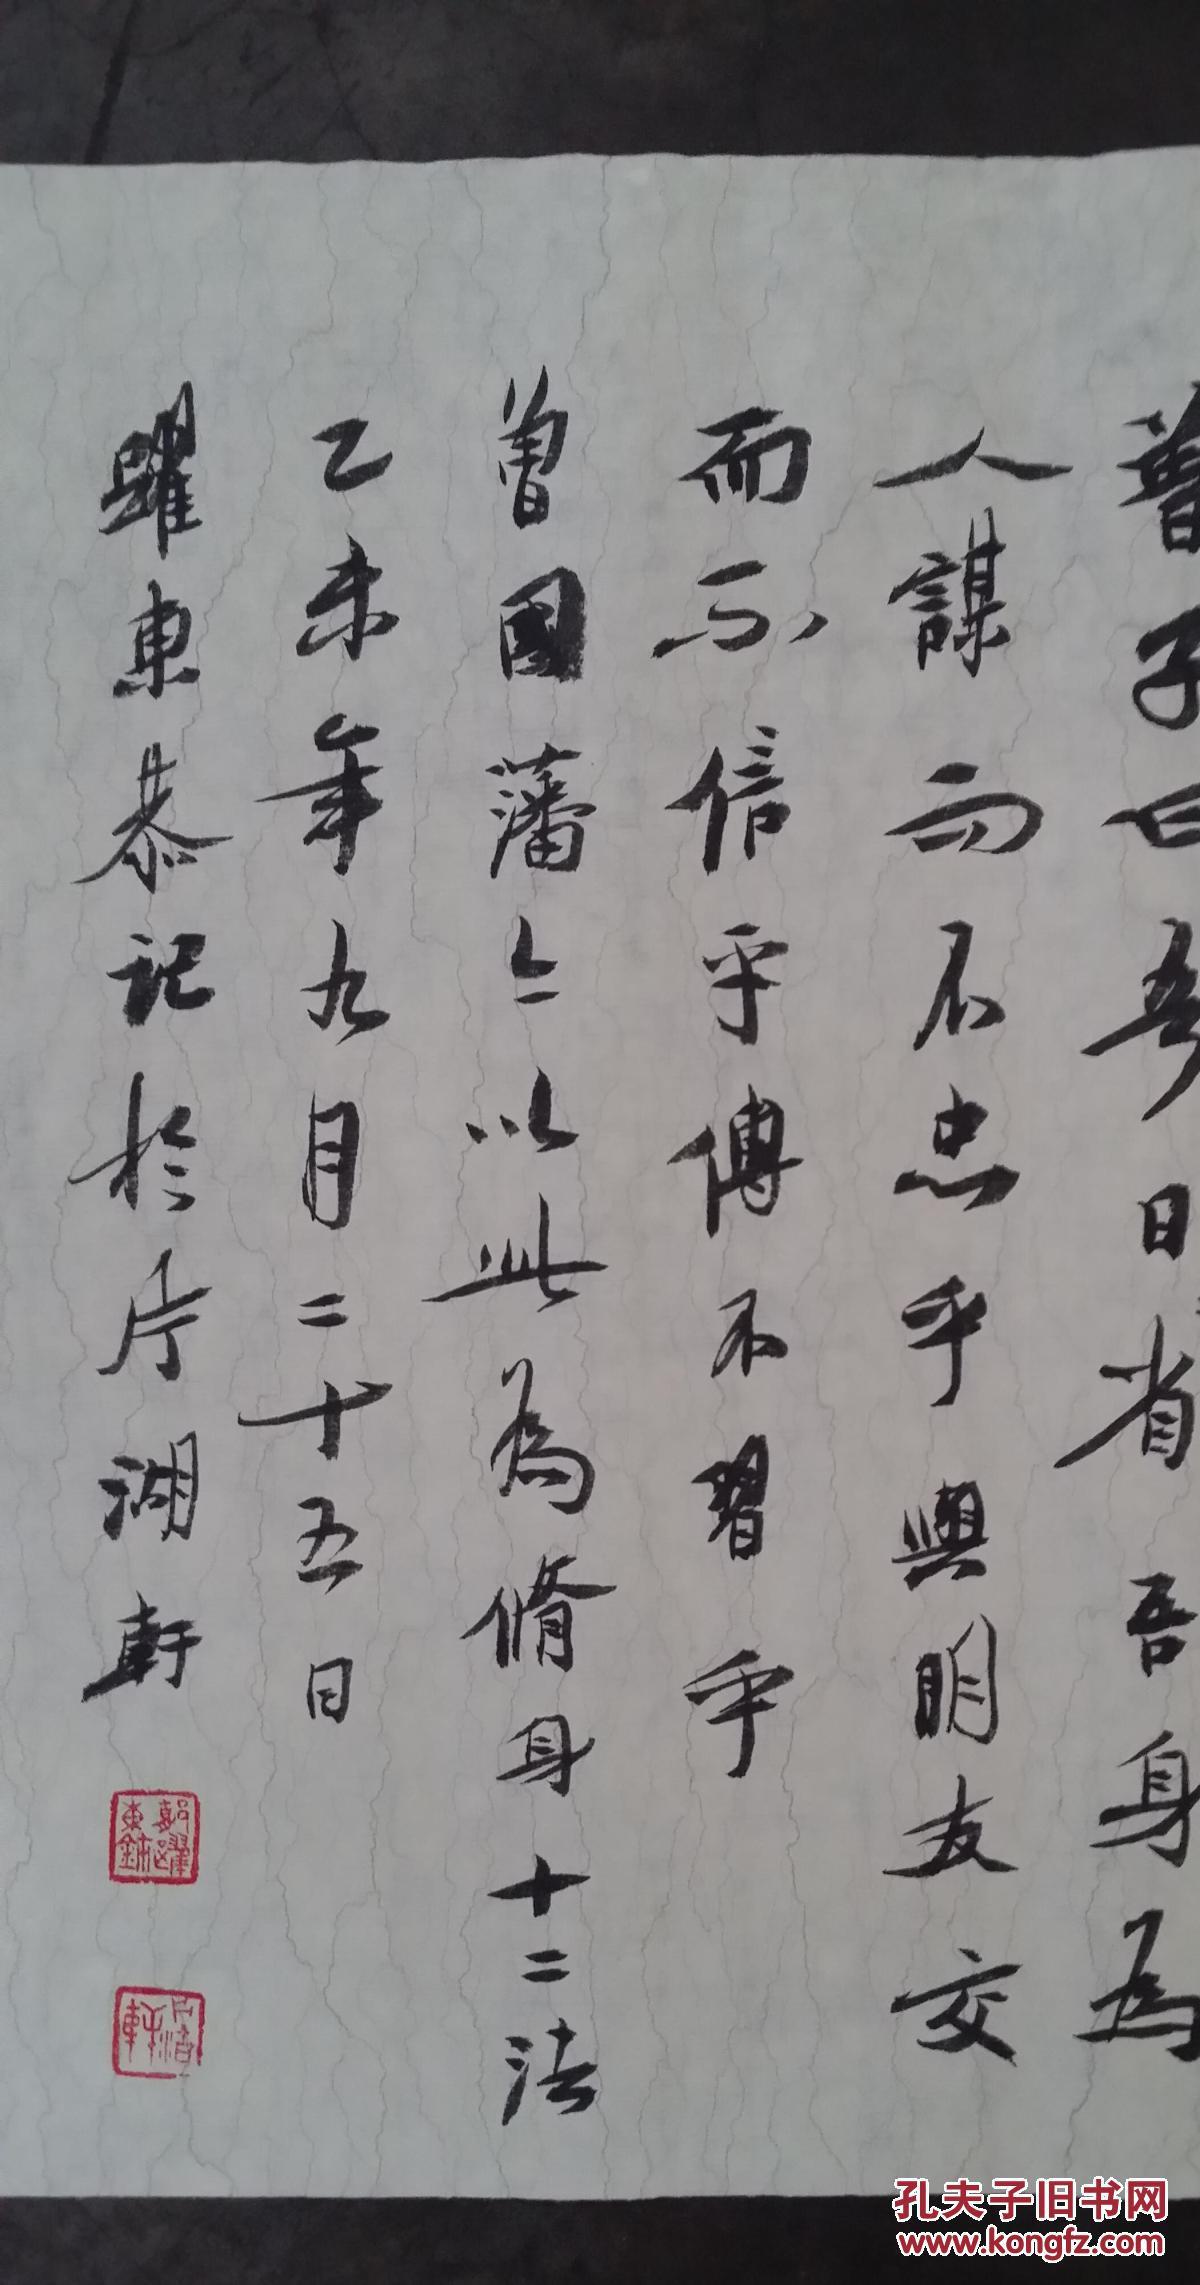 三省吾身书法作品省级书法家协会会员书法作品正文落款精彩图片